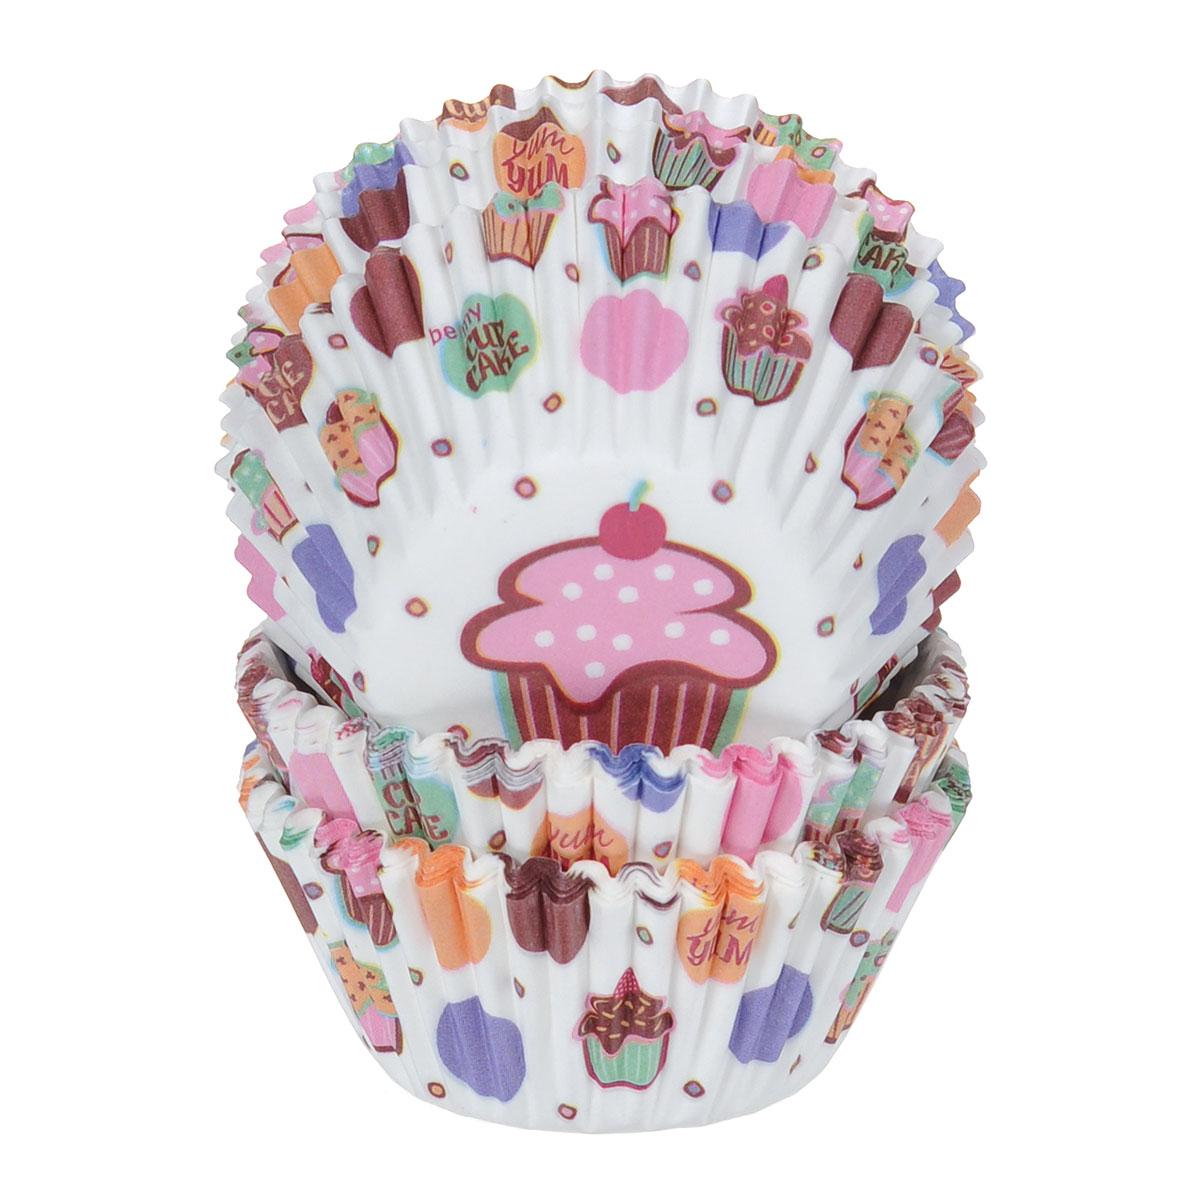 Набор бумажных мини-форм для кексов Wilton Мой кекс, диаметр 3,2 см, 75 штWLT-415-128Бумажные мини-формы Wilton Мой кекс используются для выпечки, украшения и упаковки кондитерских изделий, сервировки конфет, орешков, десертов. Края форм гофрированные. С такими формами вы всегда сможете порадовать своих близких оригинальной выпечкой.